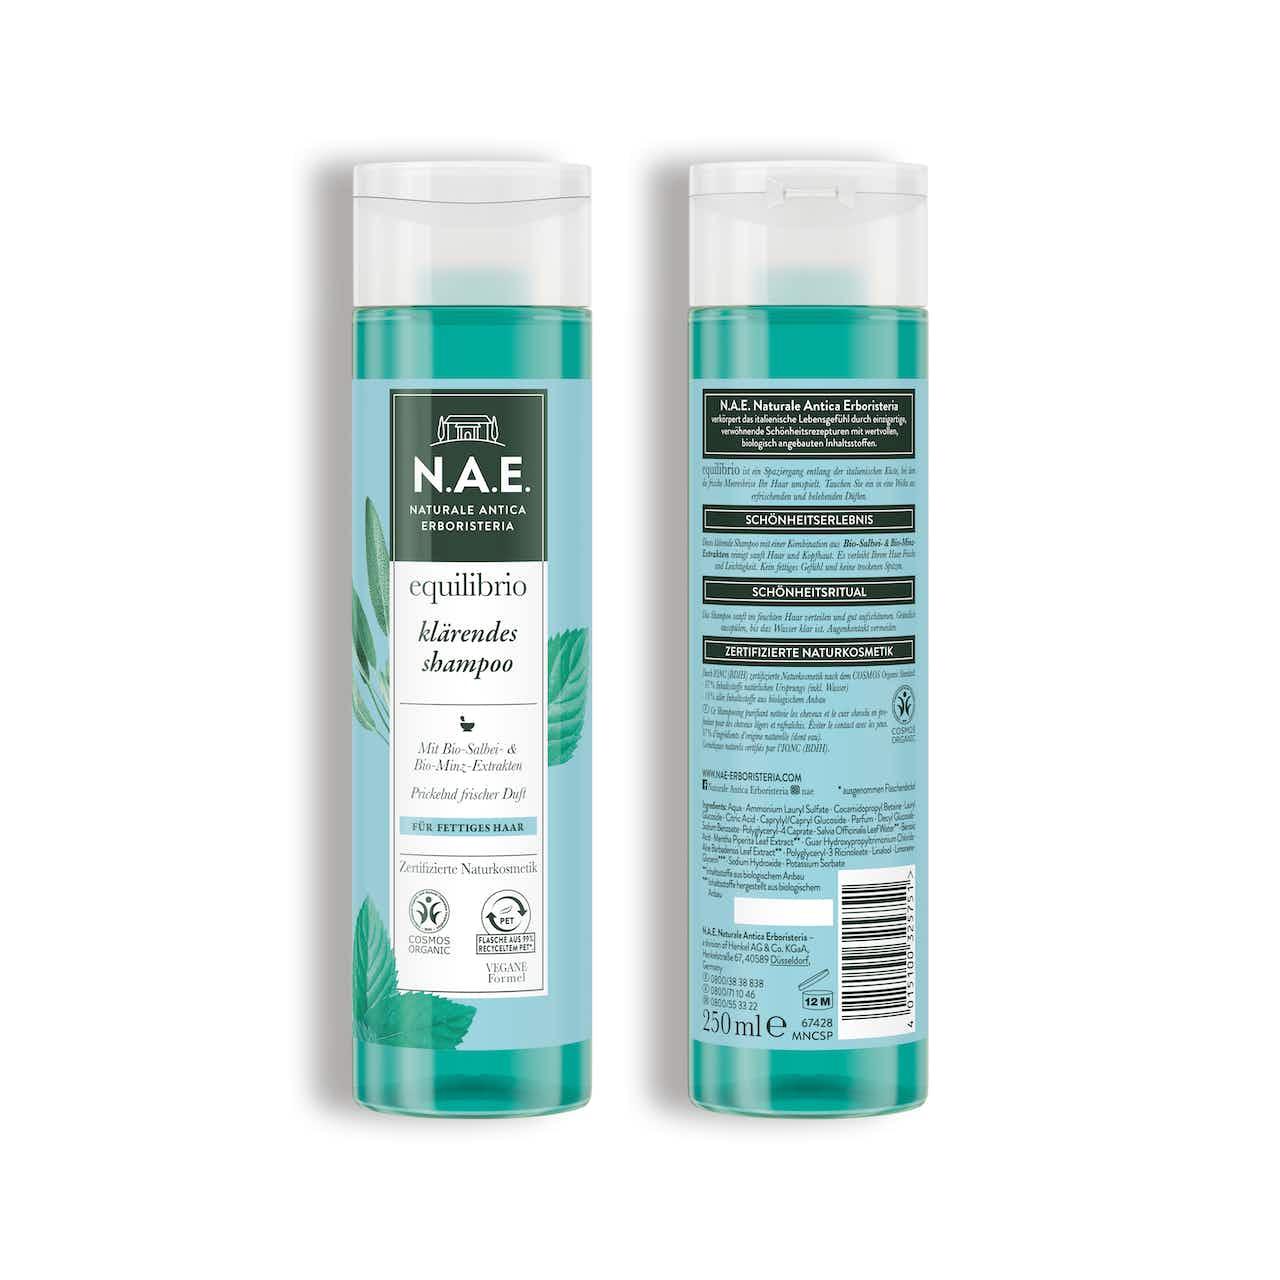 equilibrio klärendes shampoo 250ml